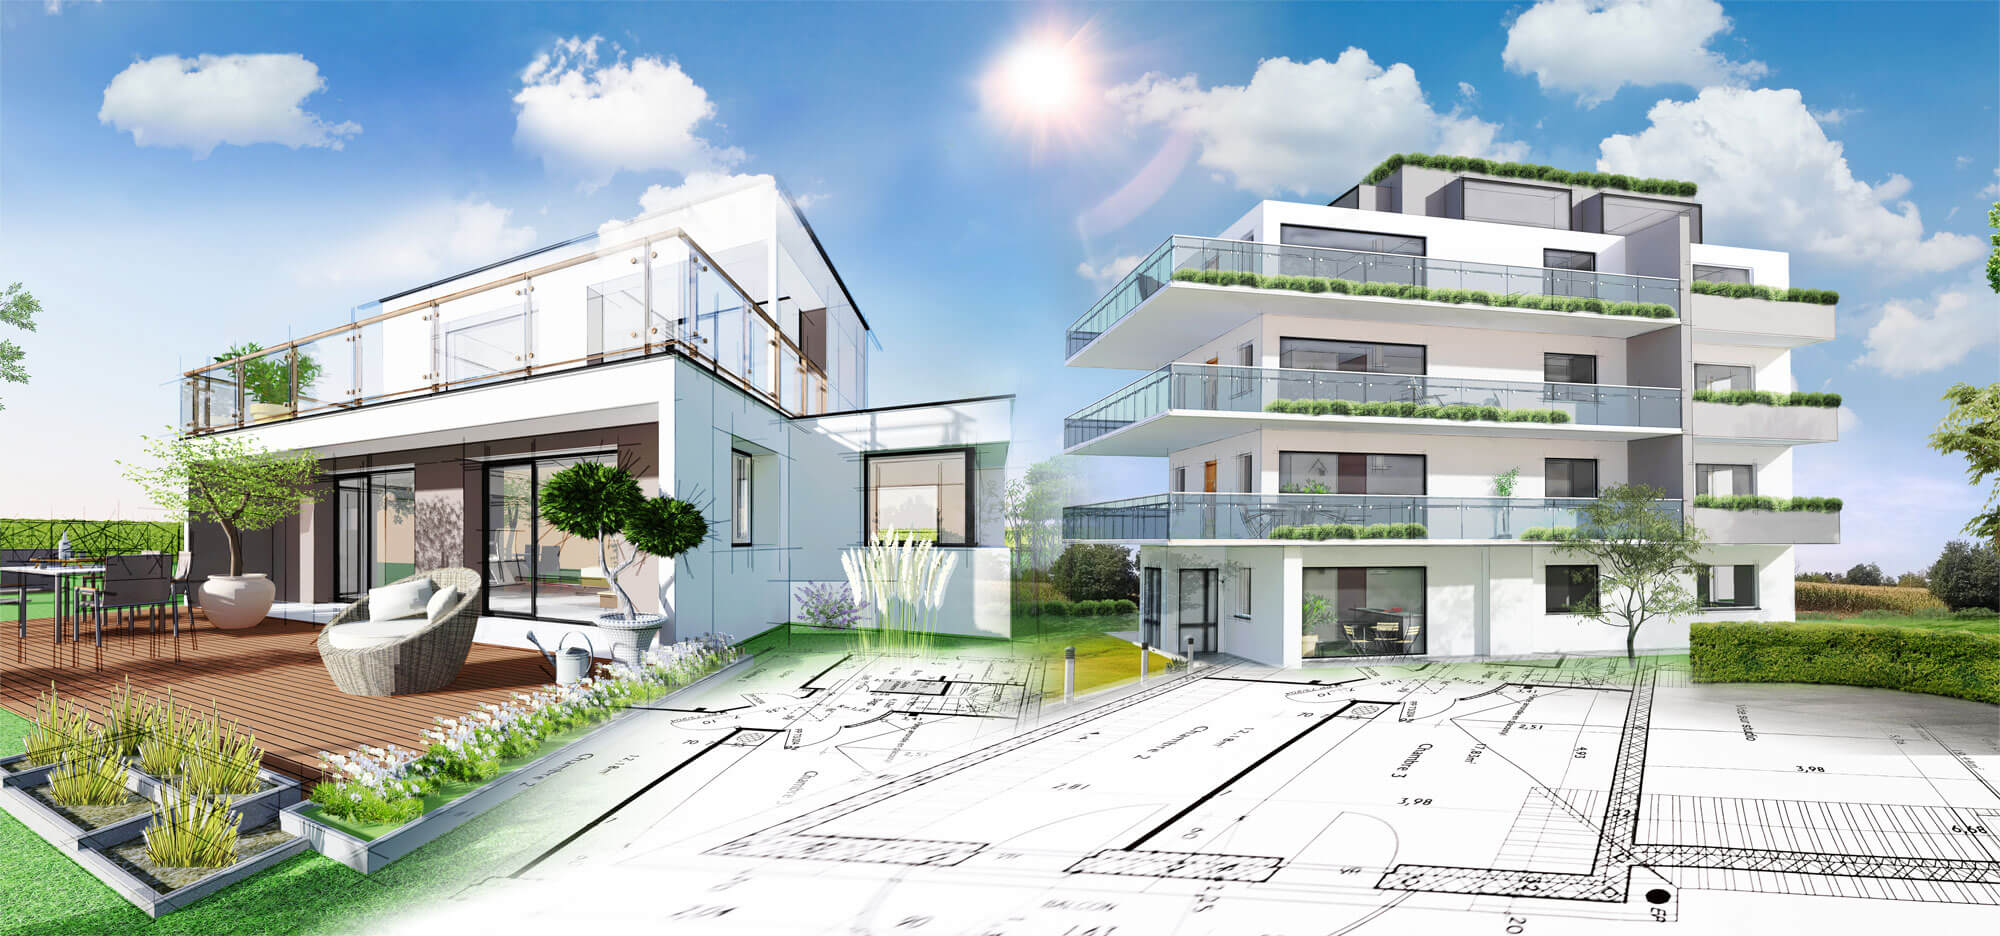 Agenzie Immobiliari Trento Città agenzia immobiliare spazio casa trento